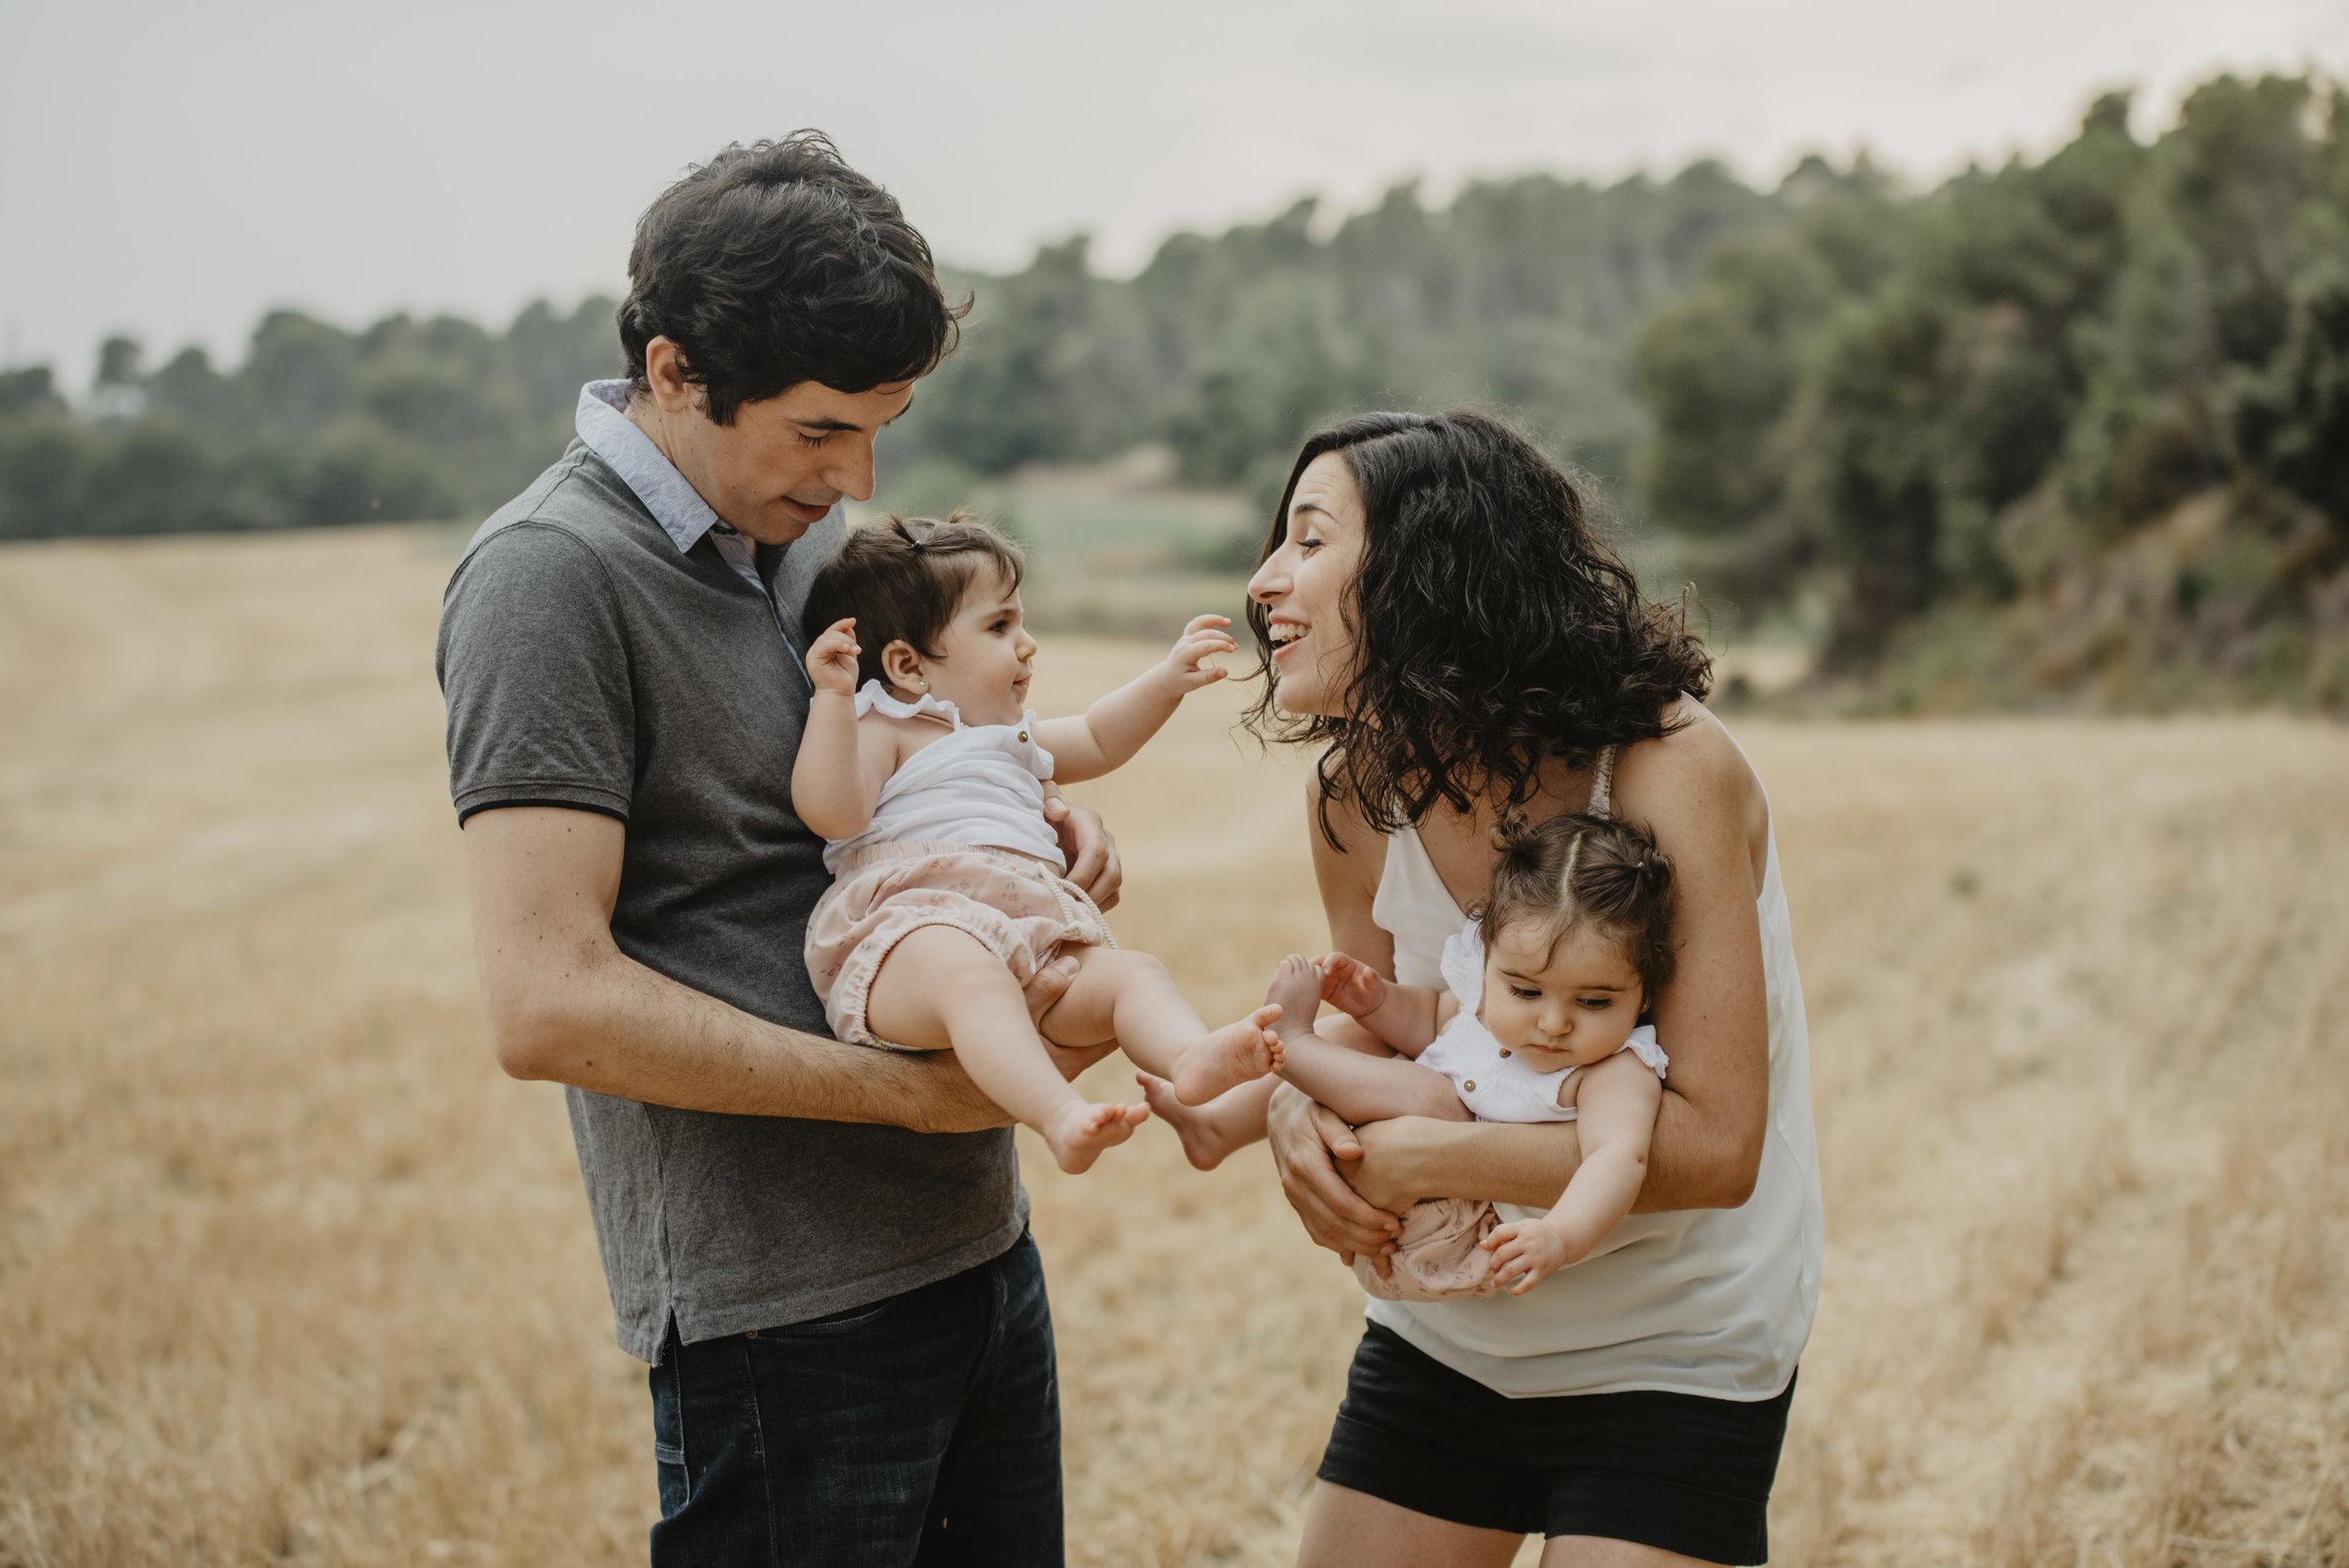 familia-reportatge-fotos-catalunya-terrassa-bessones-mellizas-mia-moments-photo-fotografia-familiar-exterior-14.jpg